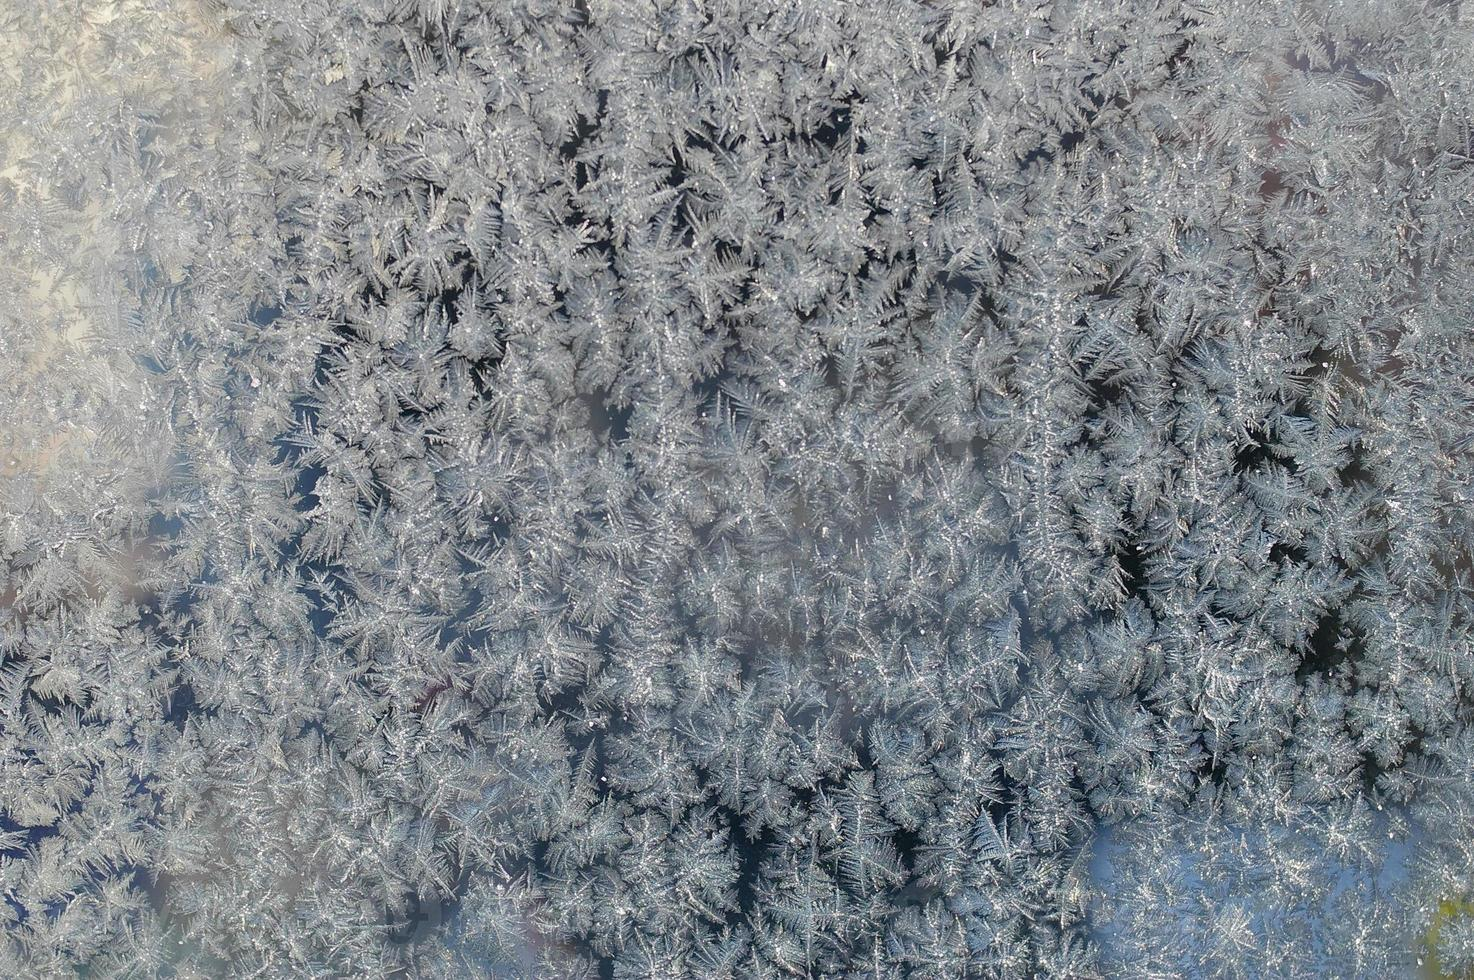 natal natal inverno foto